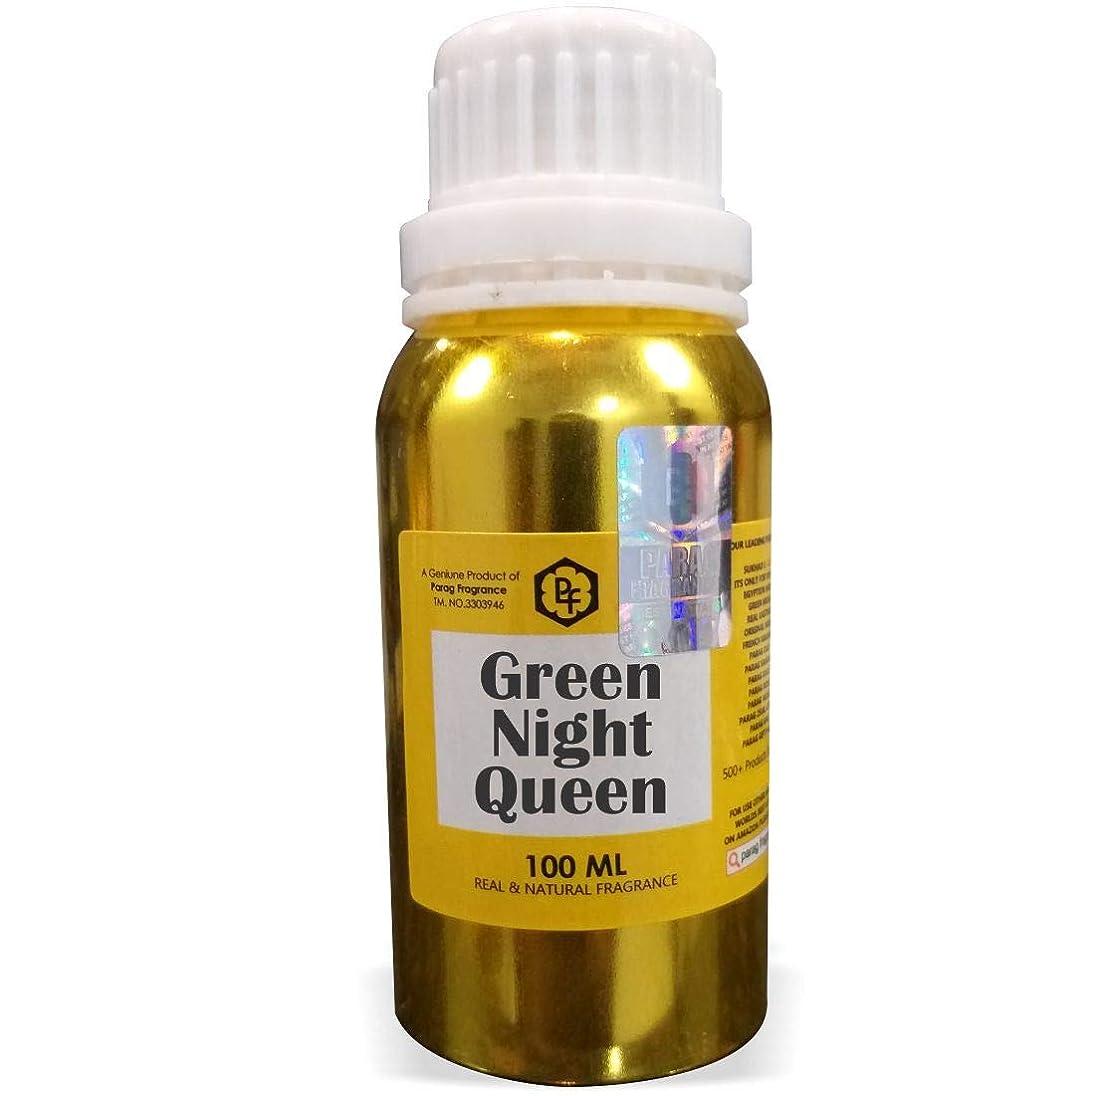 編集するスノーケル滝Paragフレグランスグリーン夜の女王アター100ミリリットル(男性用アルコールフリーアター)香油| 香り| ITRA